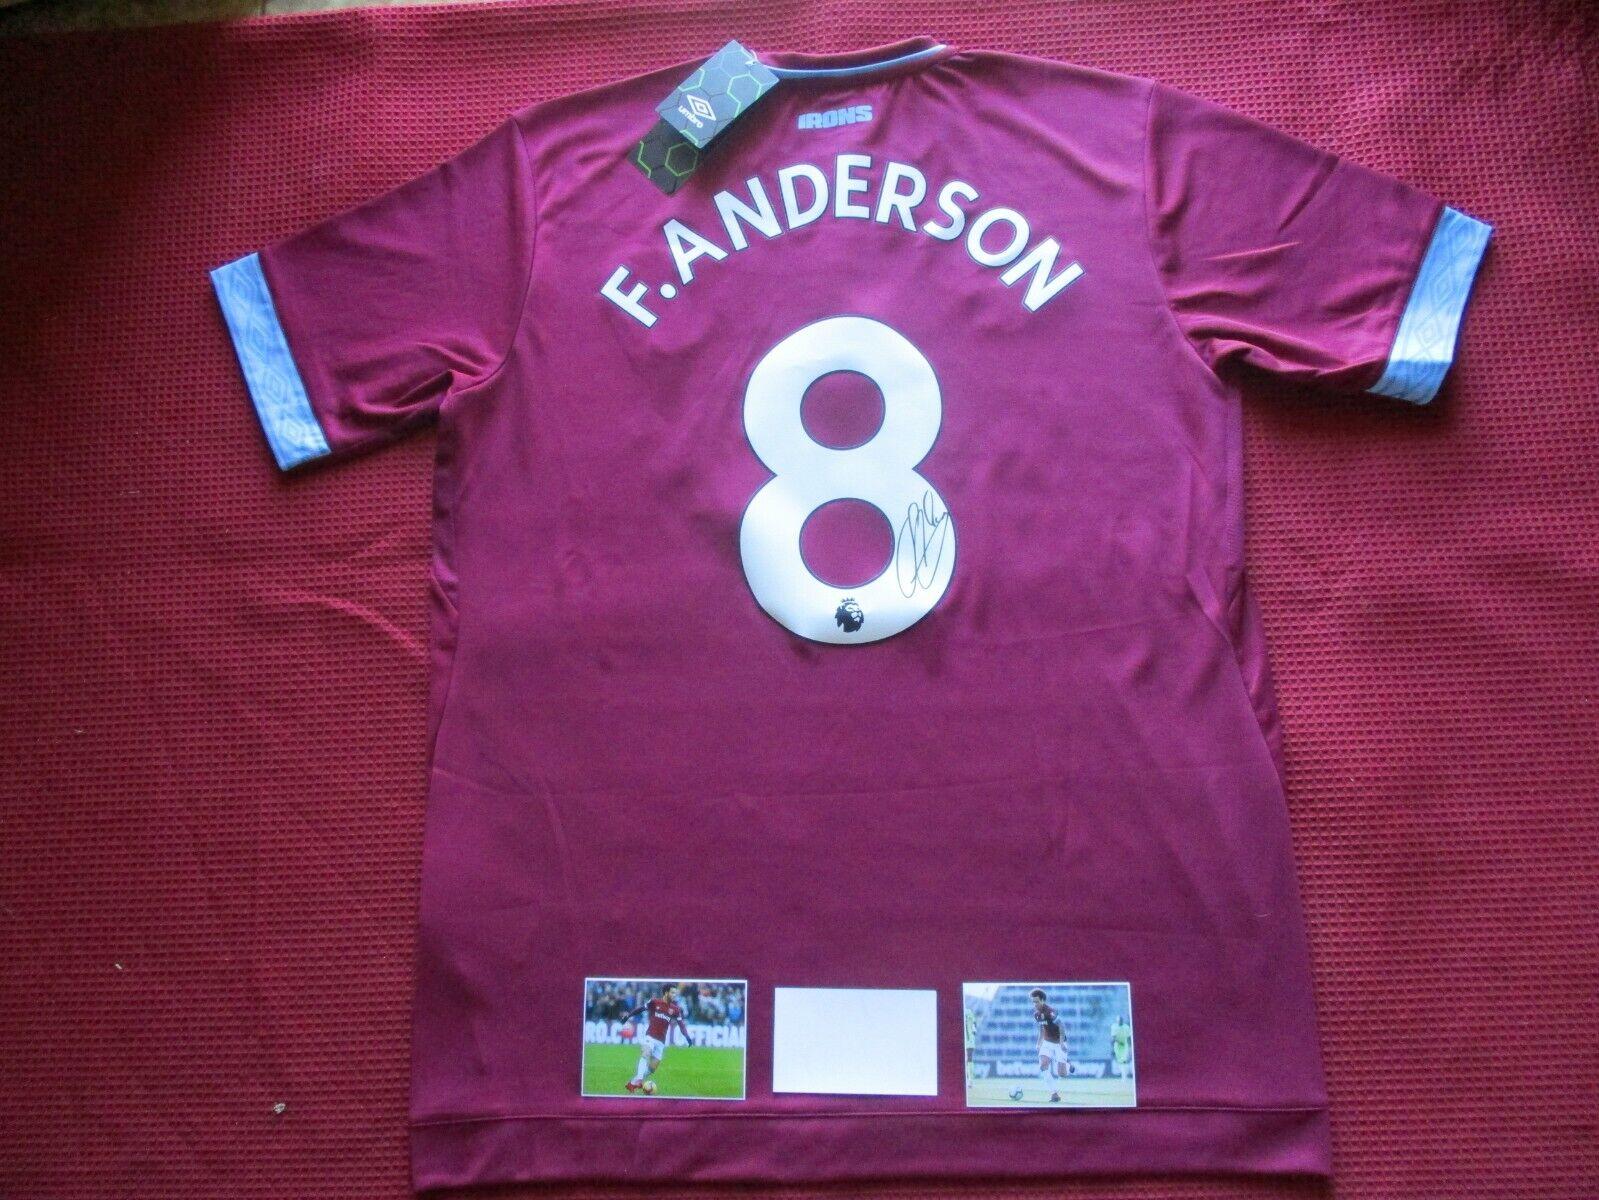 West Ham United-Martillos Felipe Anderson Foto Firmada 2018-19 Camiseta Jersey-prueba